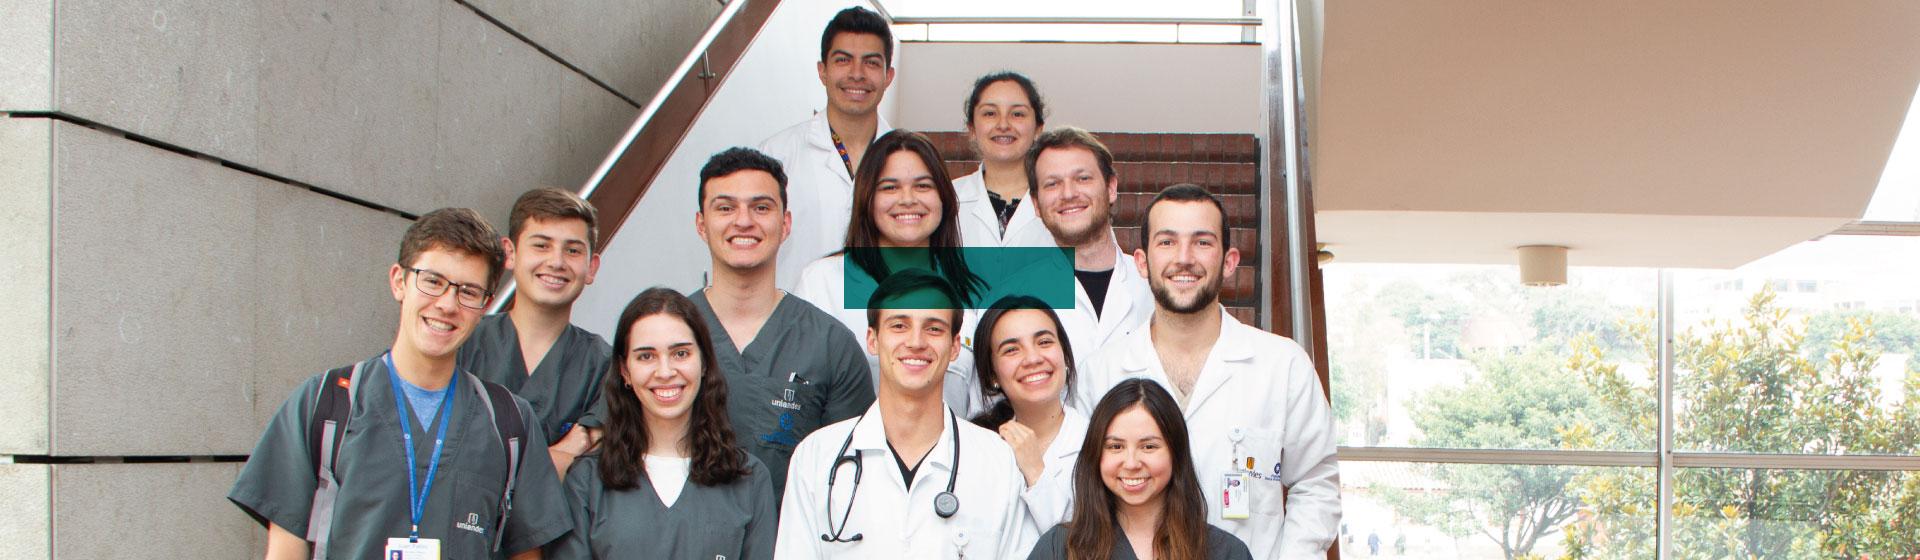 Estudiantes de facultad de medicina